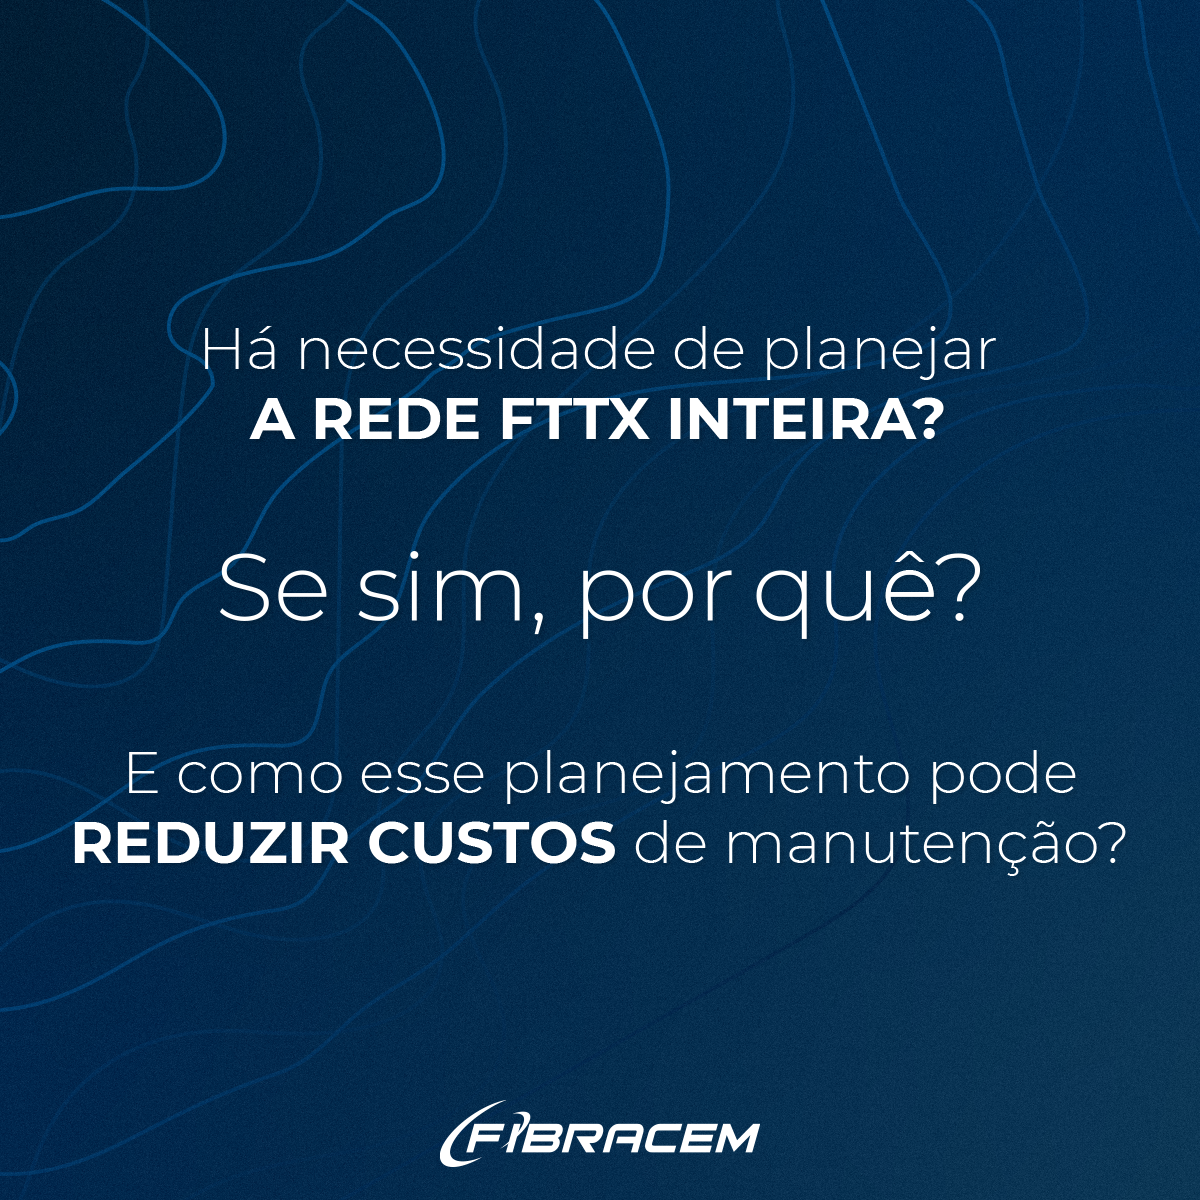 Há necessidade de planejar a rede FTTX inteira? E como esse planejamento pode reduzir custos de manutenção?